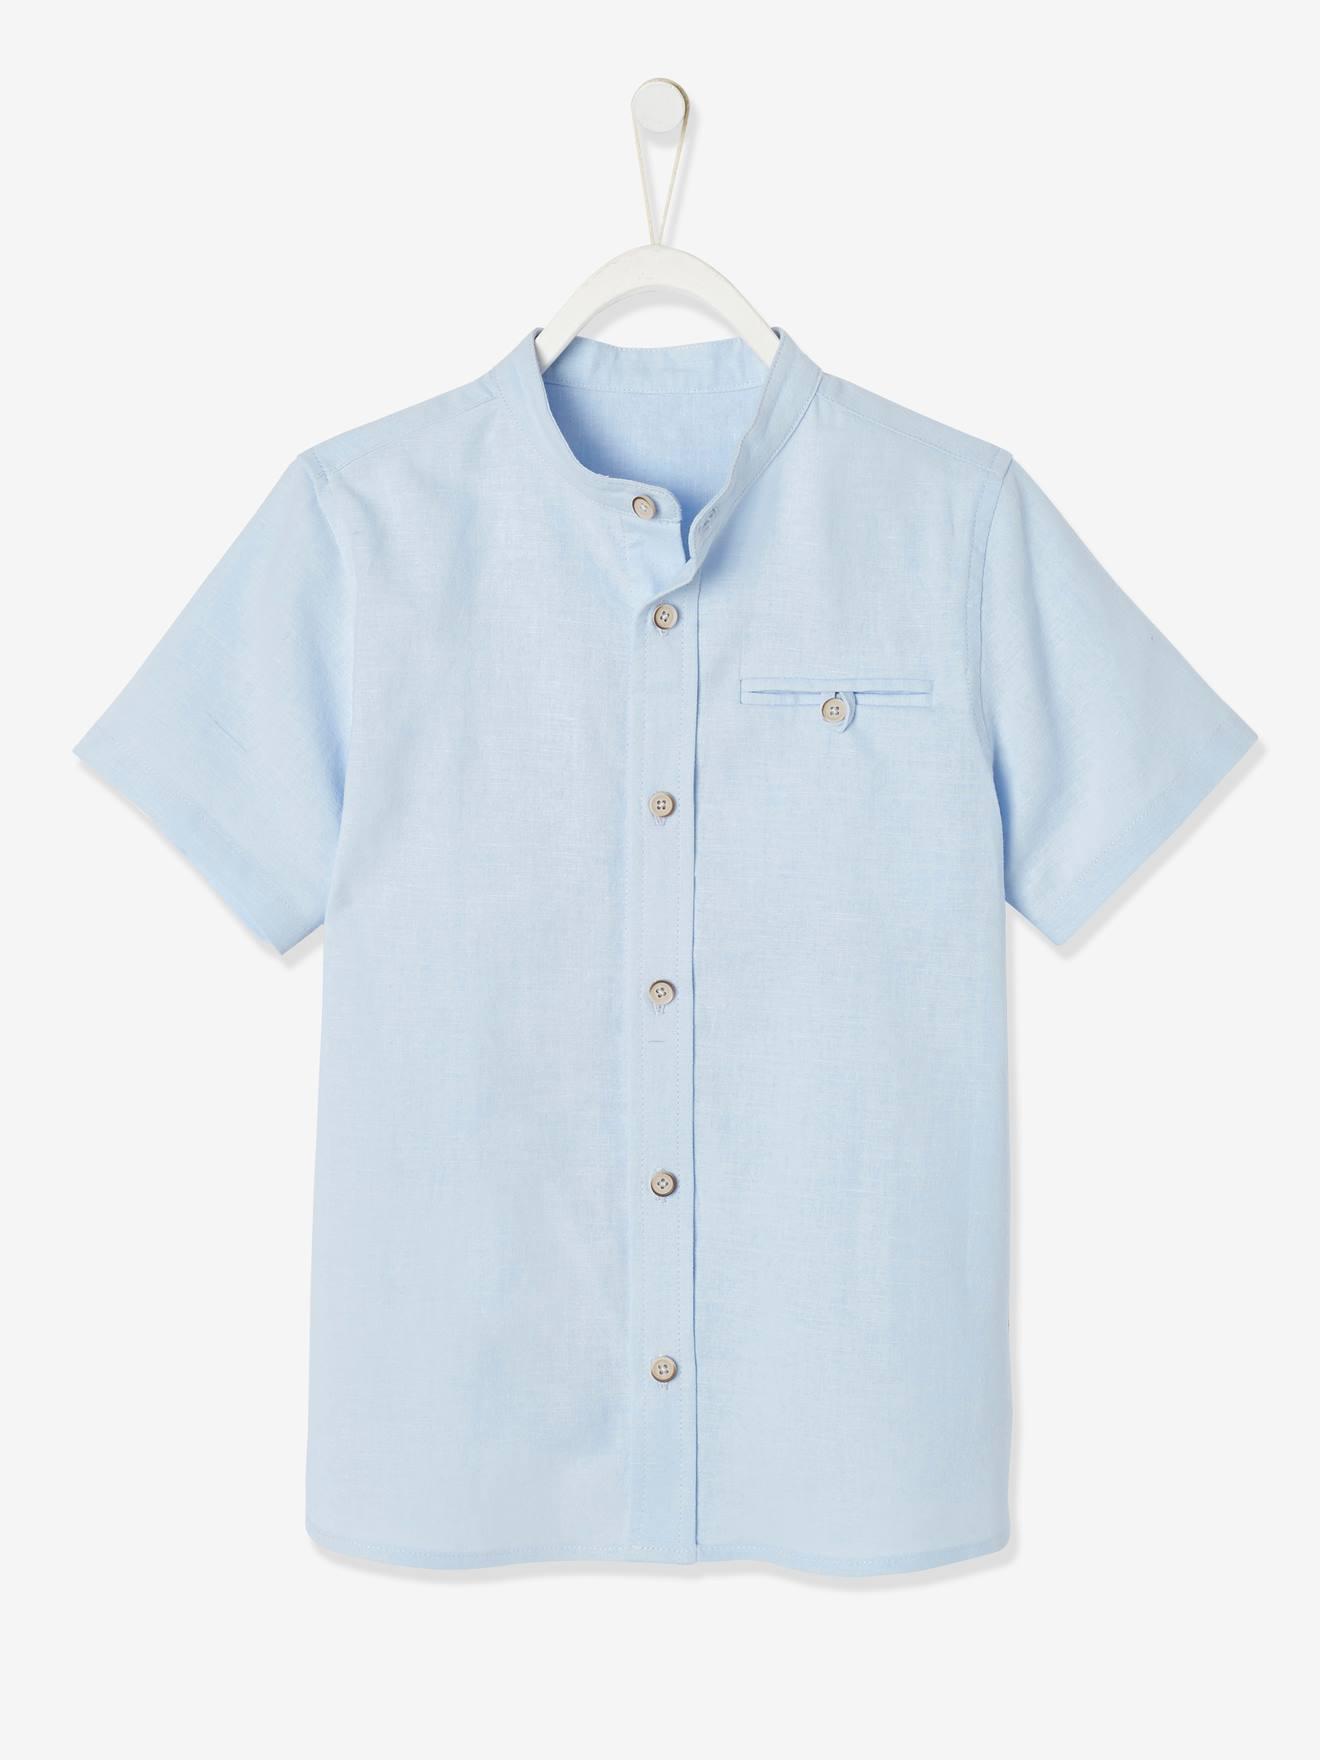 Chambre Bleu Ciel Et Lin chemise col mao garçon en coton/ lin manches courtes bleu ciel - vertbaudet